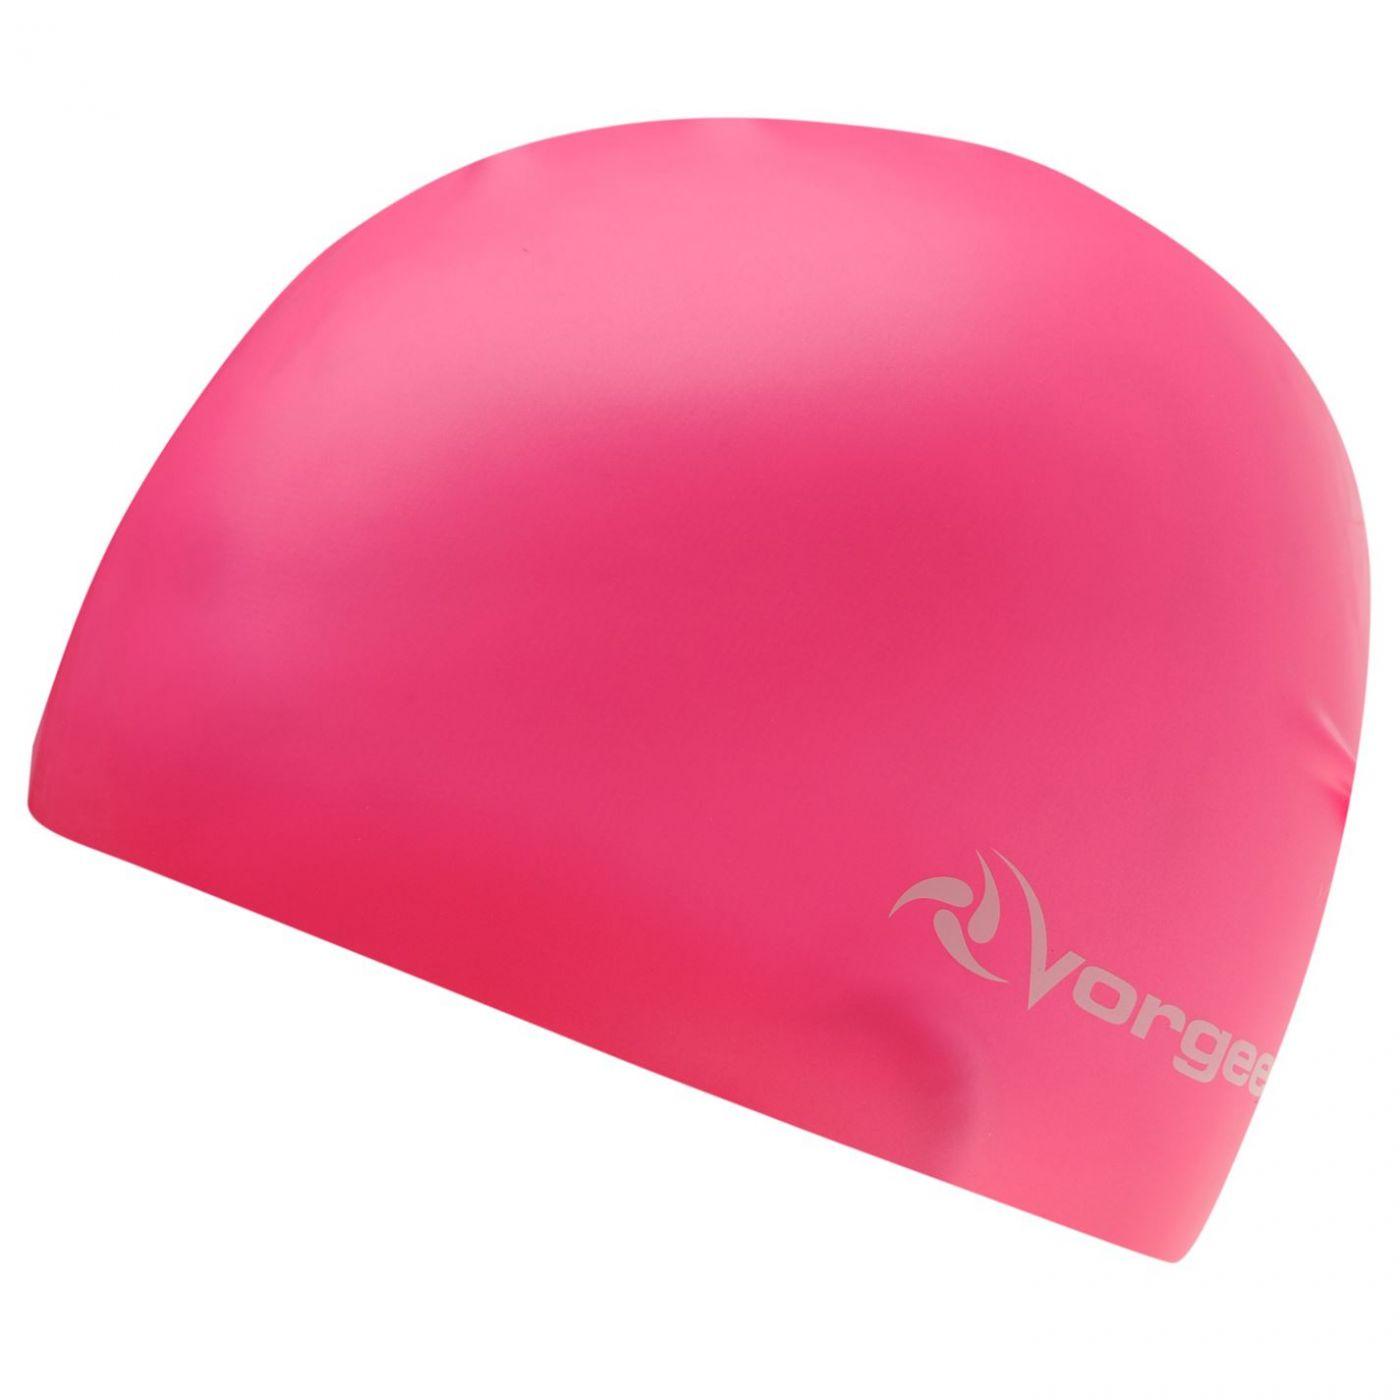 Vorgee Super Flex Swimming Cap